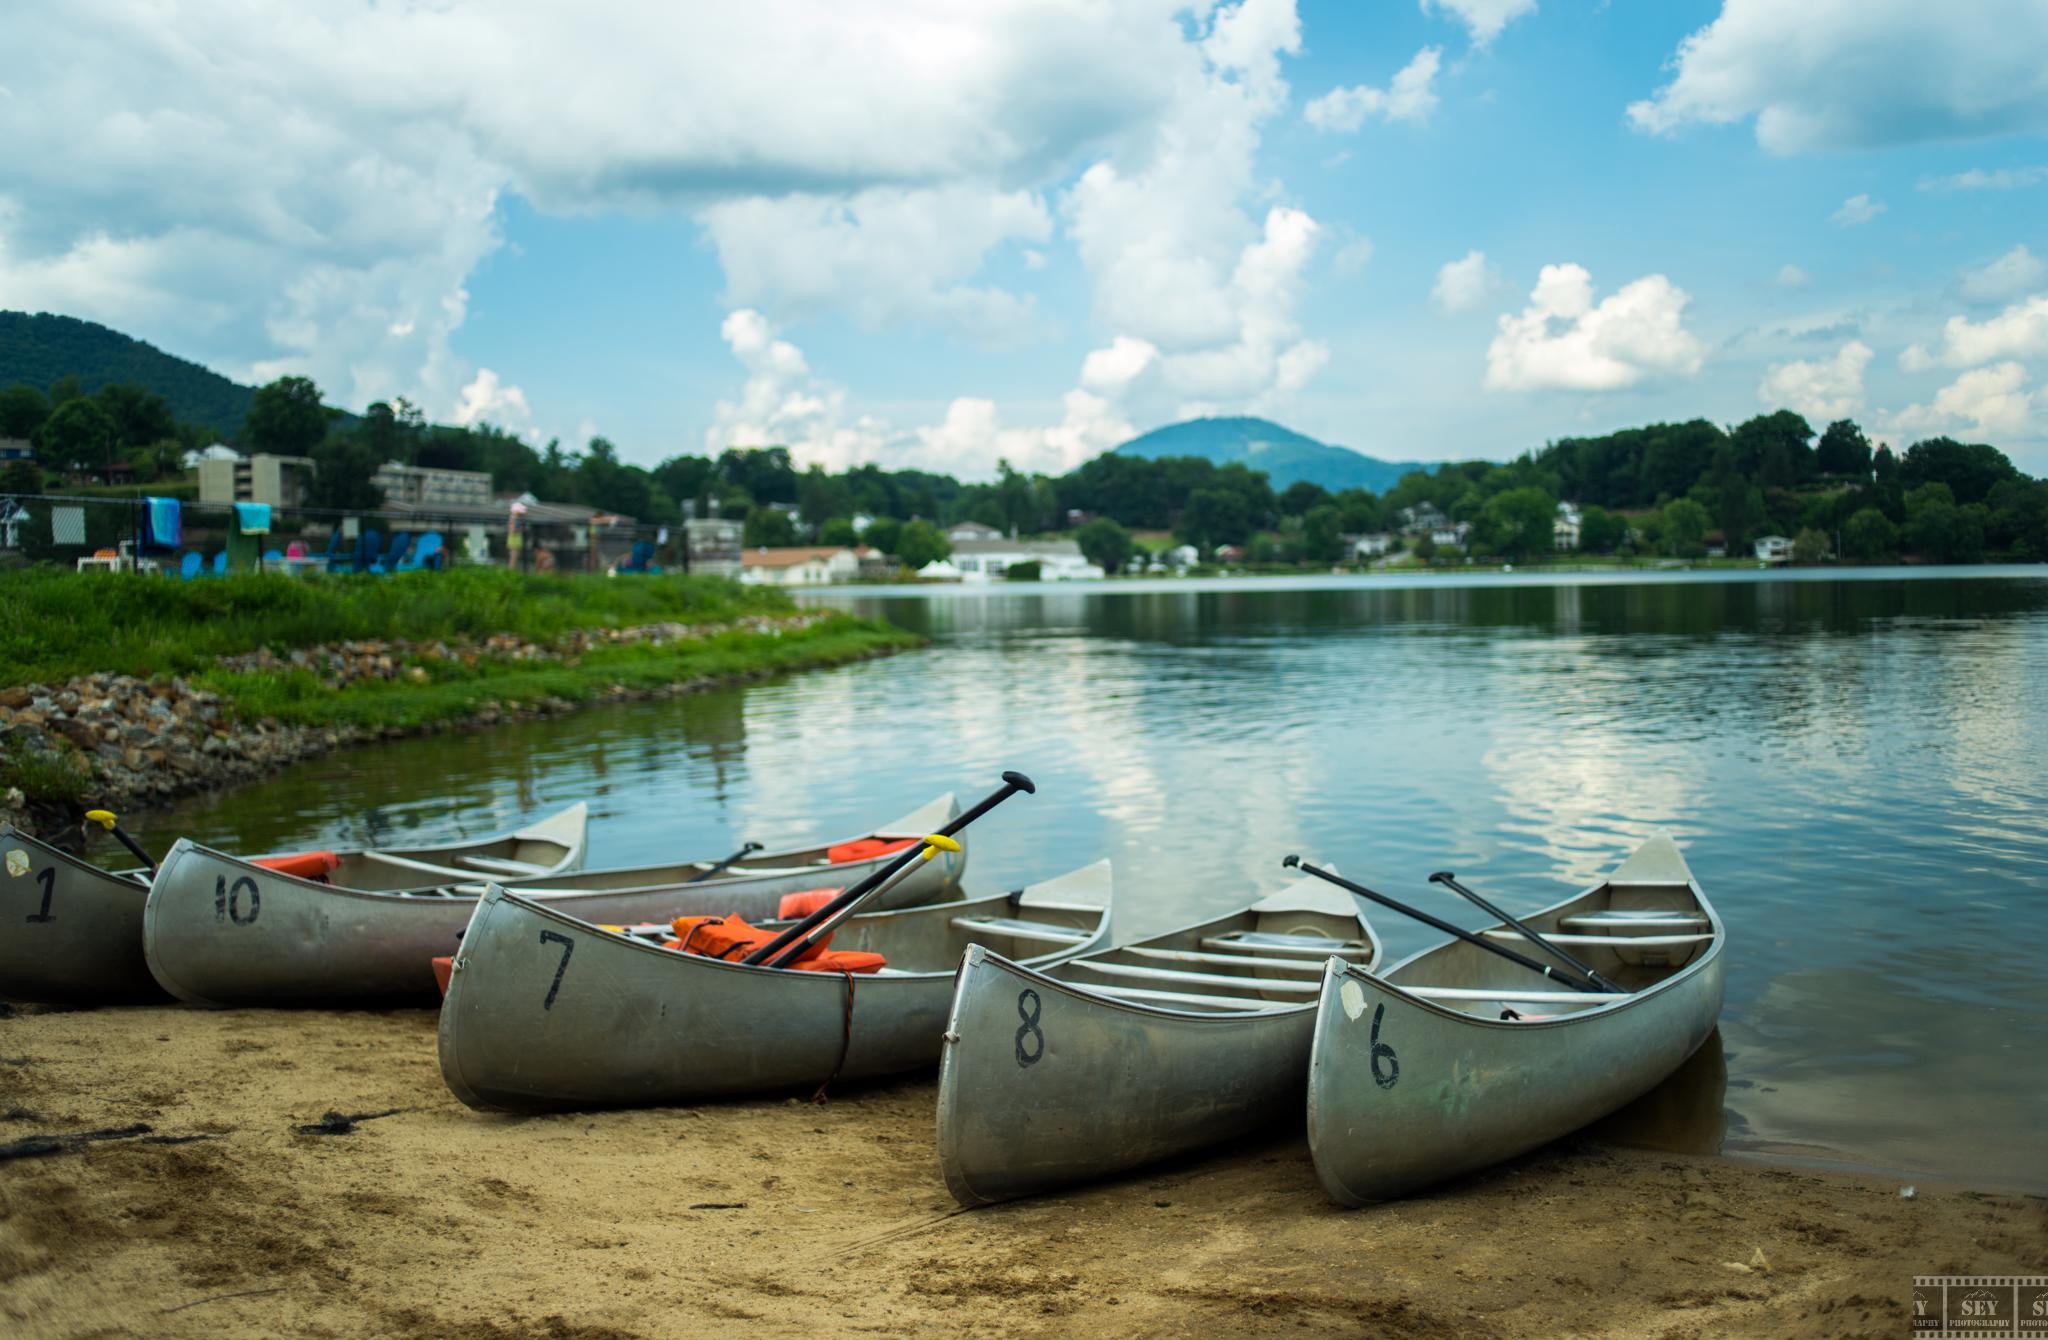 About Lake Junaluska